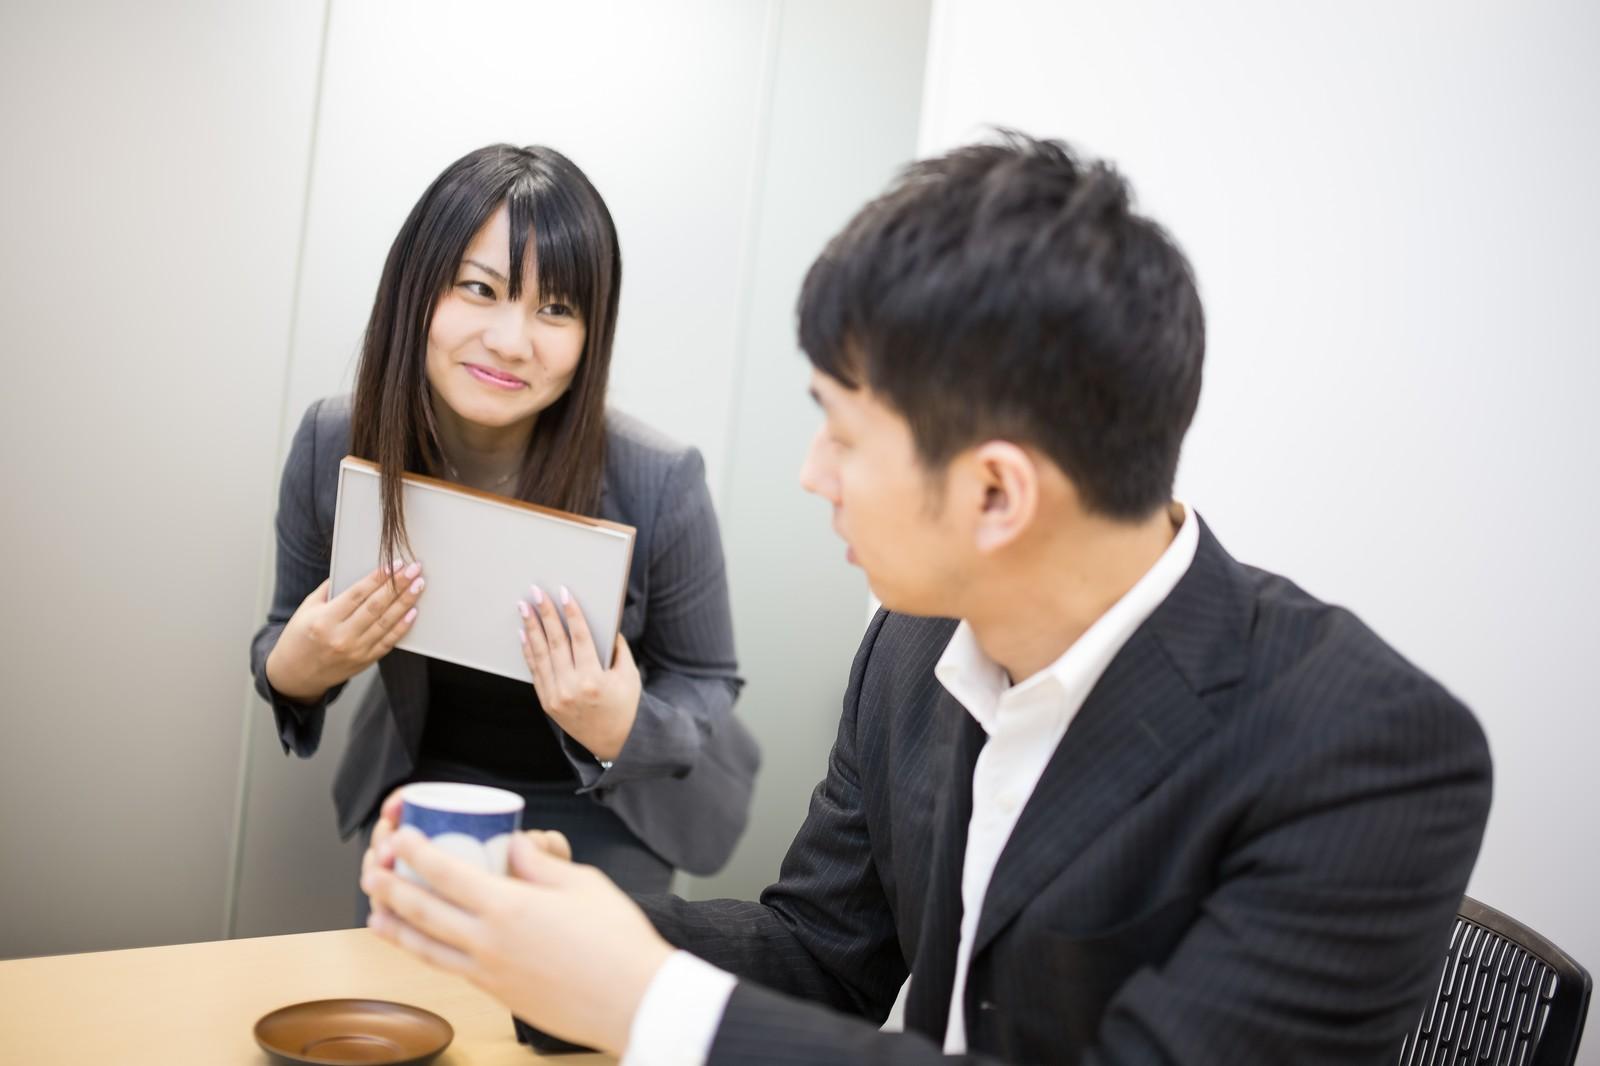 新入社員の日報をリーダーはどう扱うべきかの画像